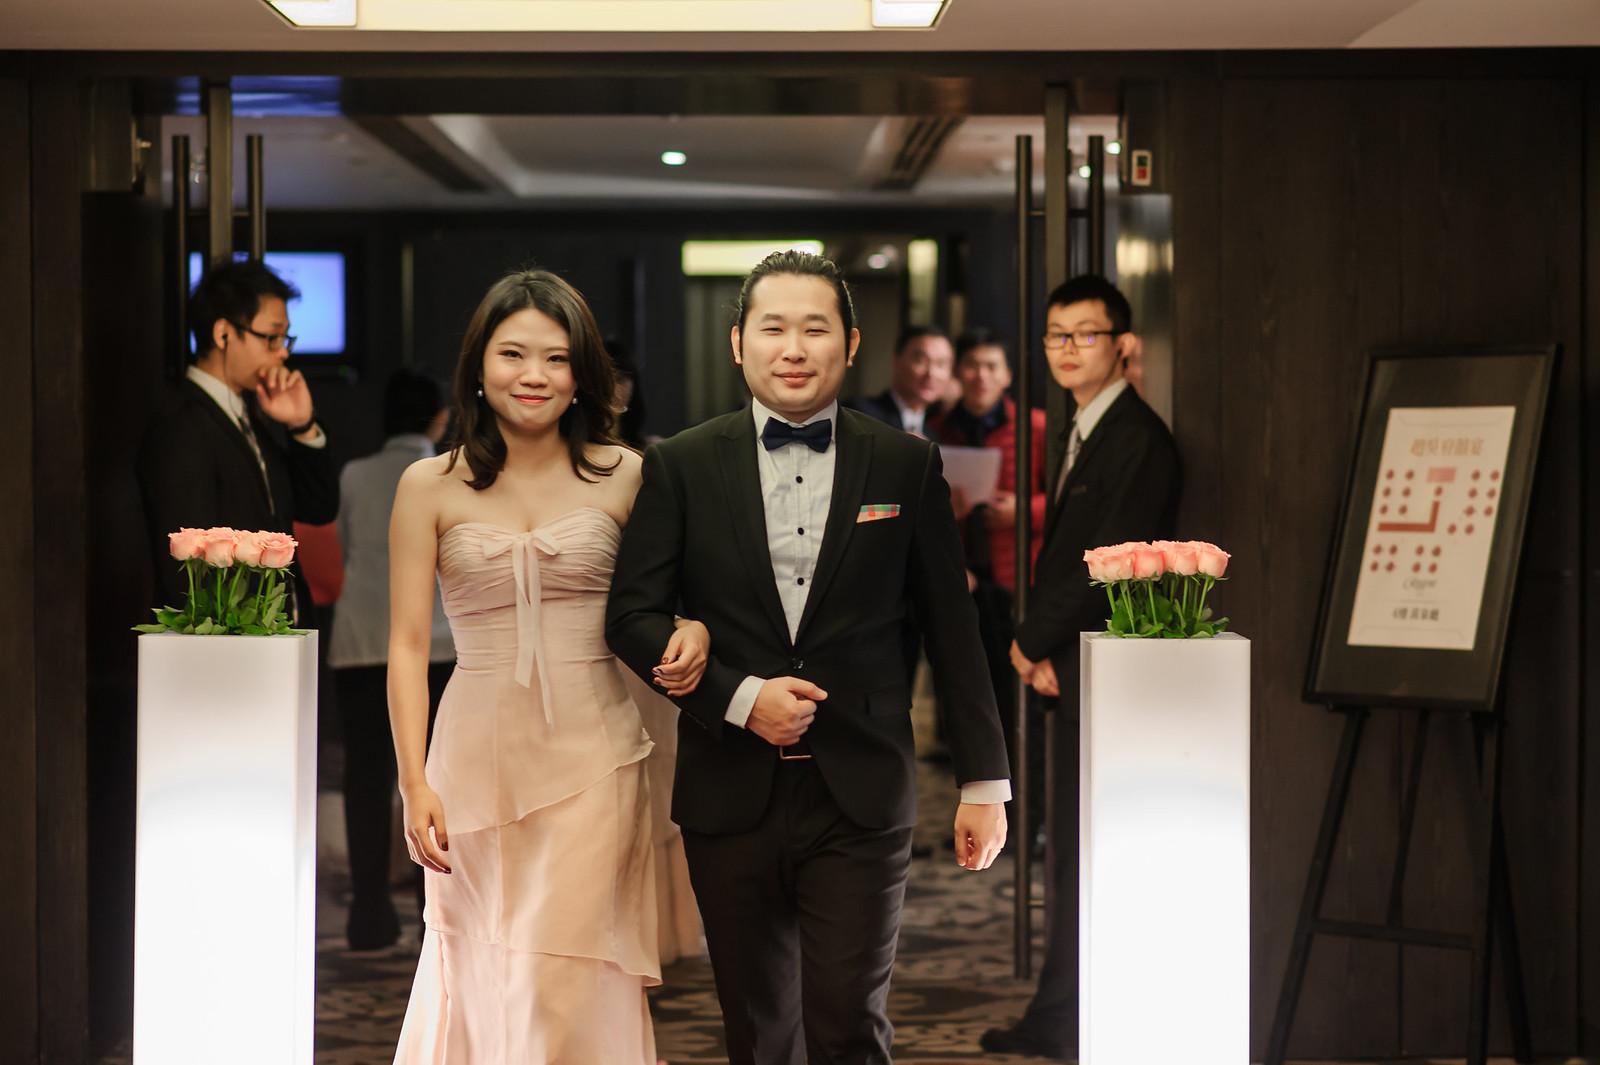 台北婚攝, 婚禮攝影, 婚攝, 婚攝守恆, 婚攝推薦, 晶華酒店, 晶華酒店婚宴, 晶華酒店婚攝-67